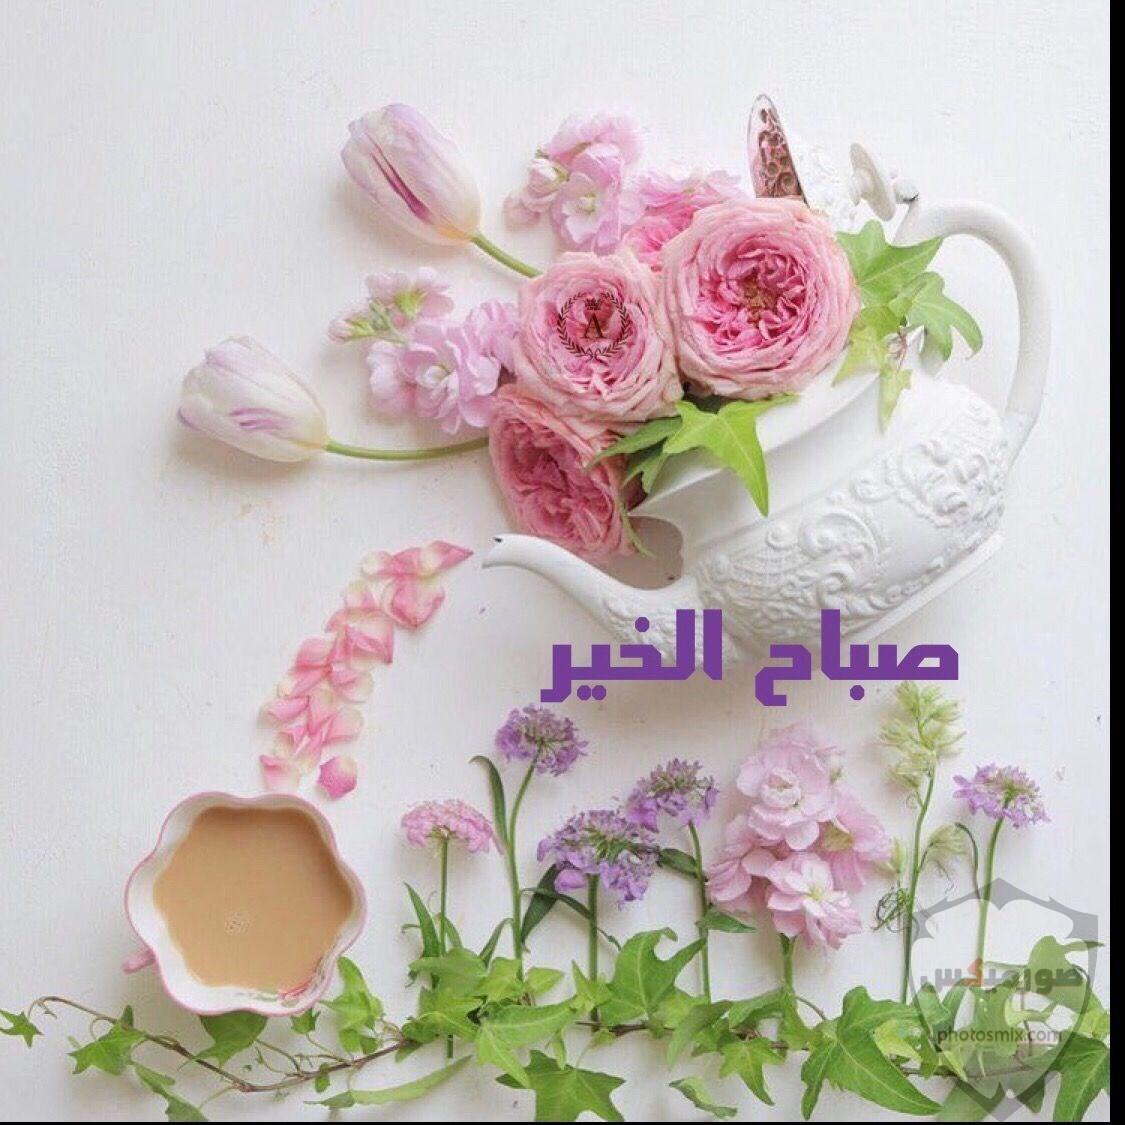 صور صباح الخير رومانسيه جديدة وجميلة أحلي صباح 7